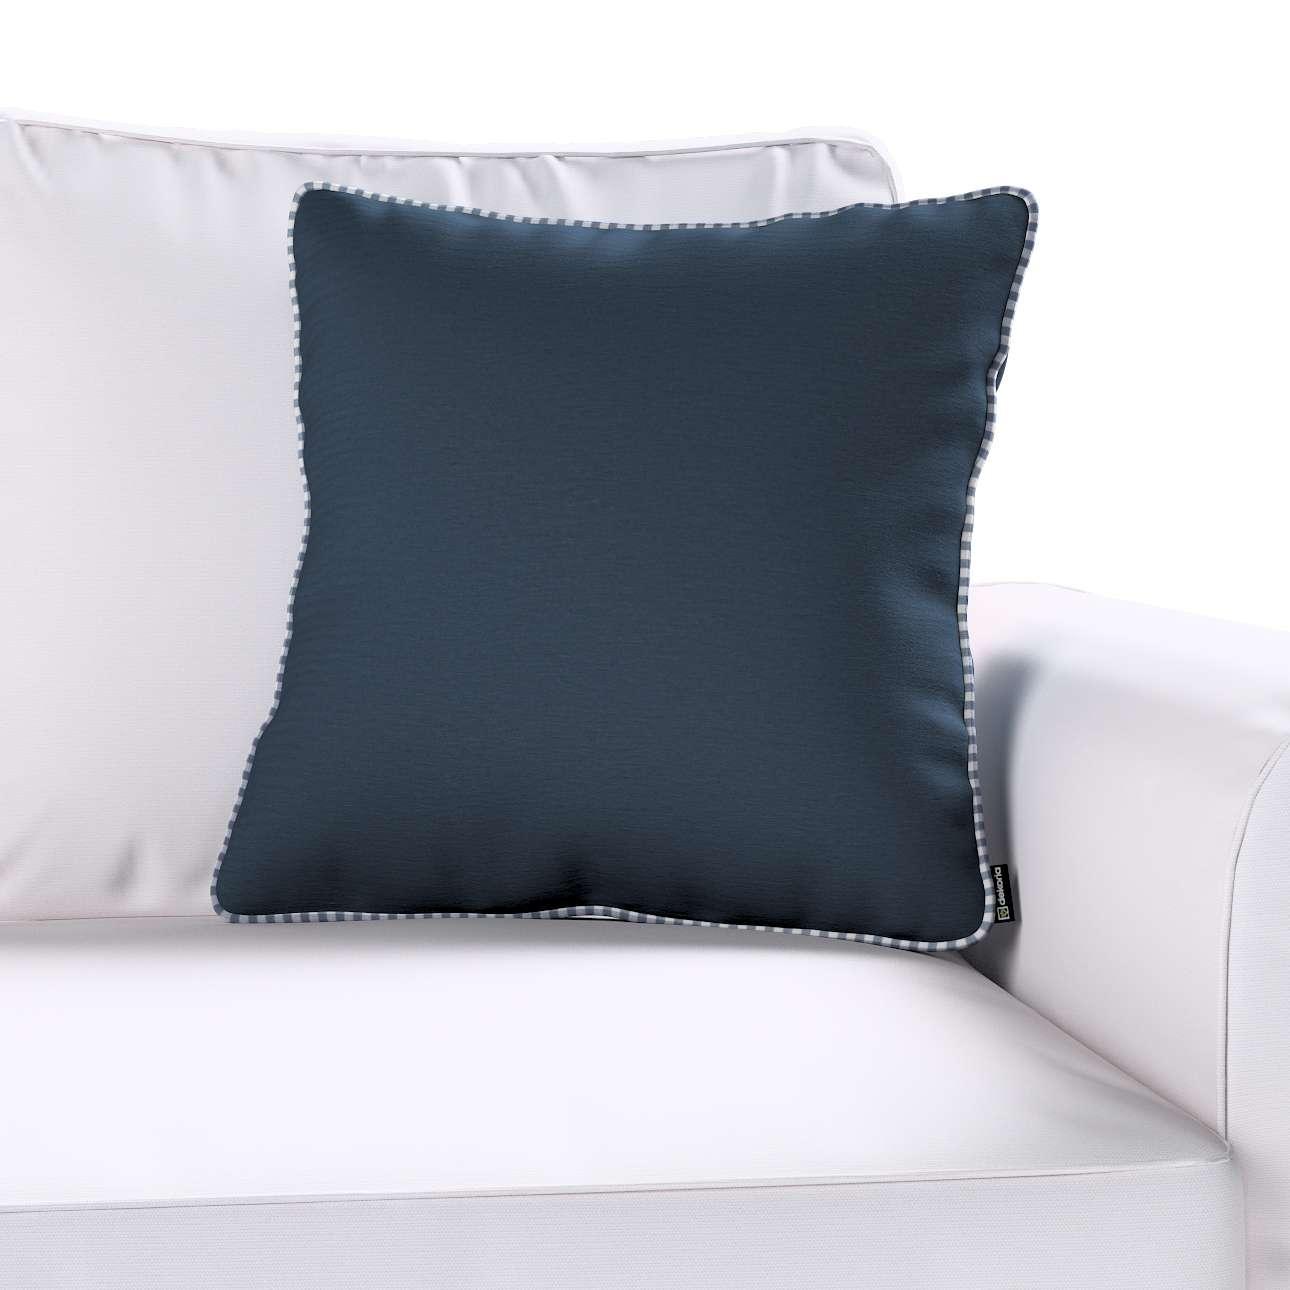 Poszewka Gabi na poduszkę w kolekcji Quadro, tkanina: 136-04